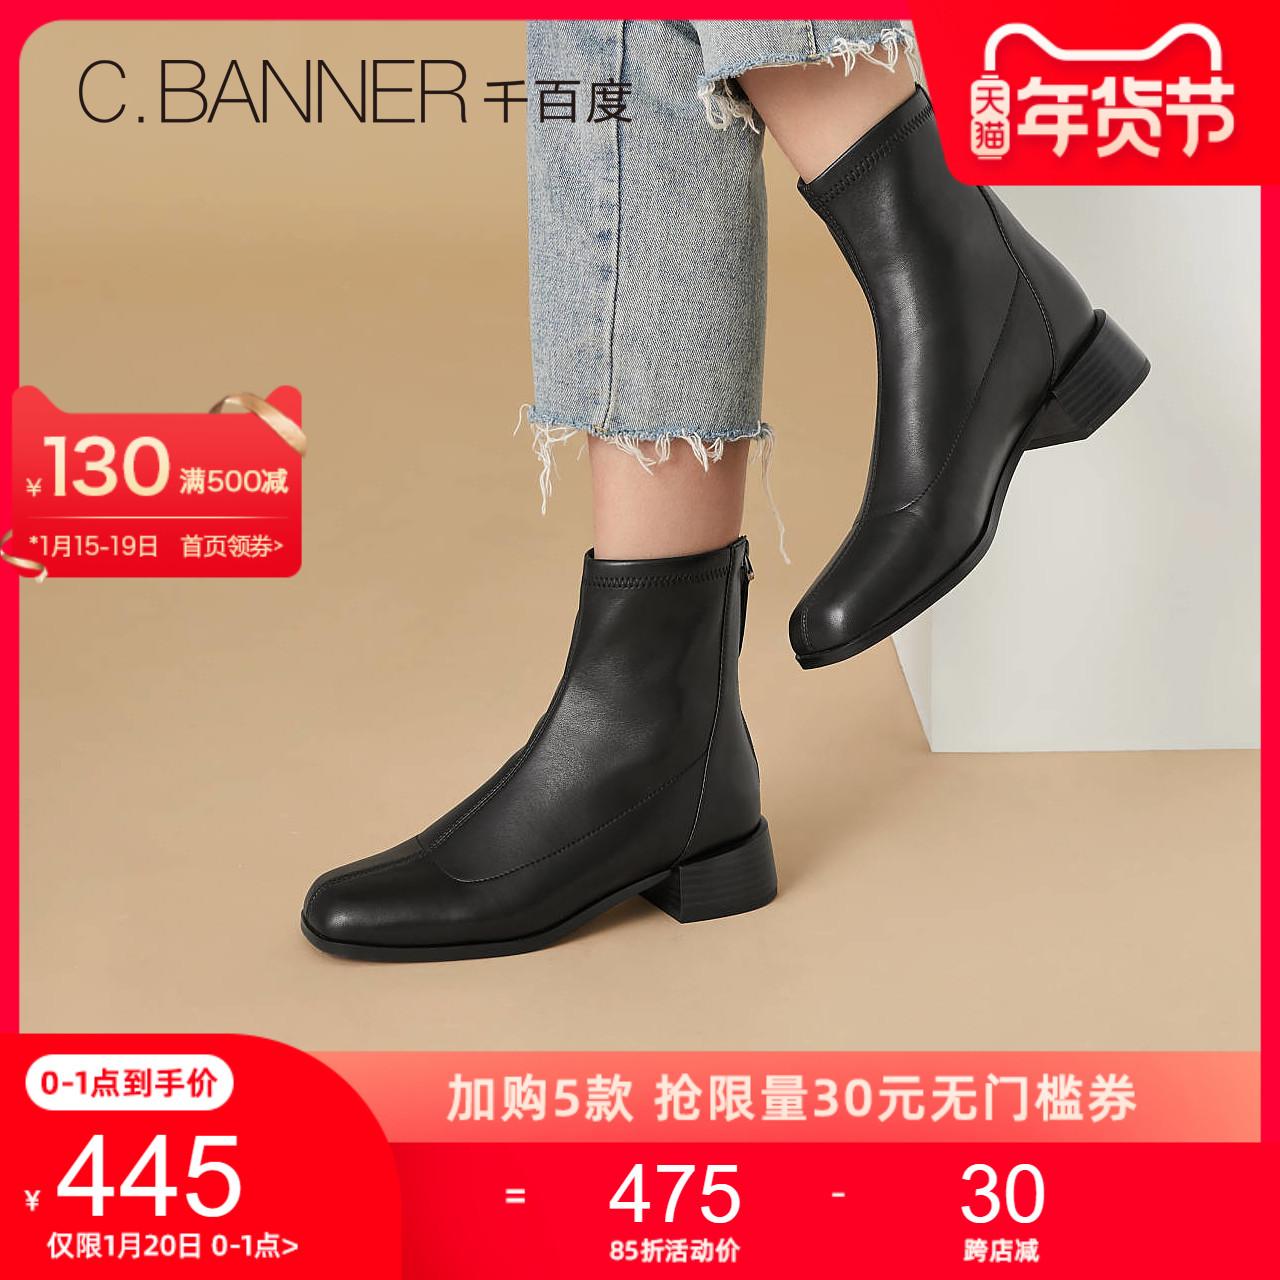 千百度女鞋简约气质时装靴2020新款女靴中跟短靴方头加绒瘦瘦靴